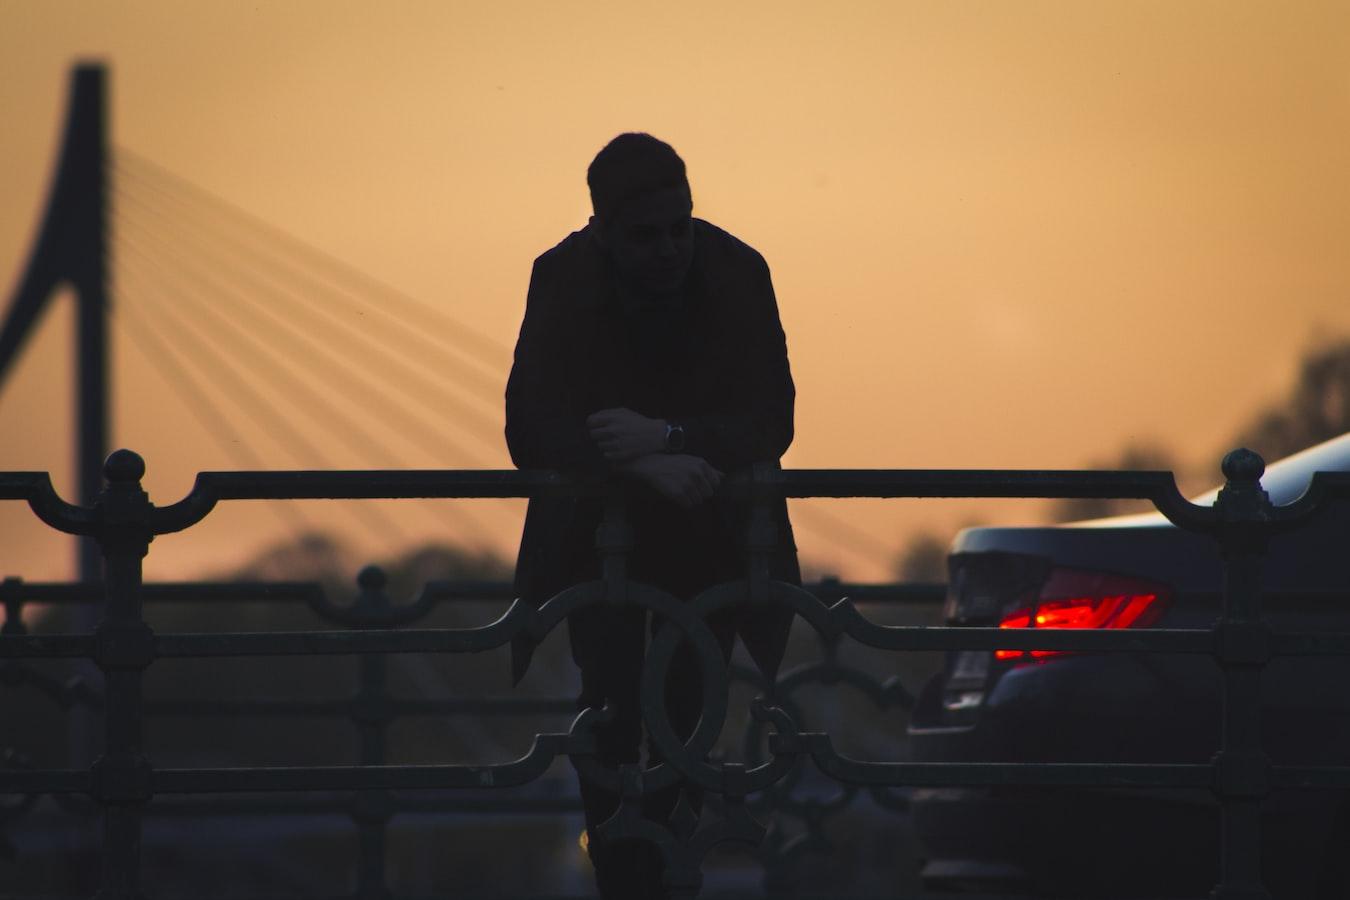 「世界毀滅前,用力愛我」之三:貧窮夫妻百事哀 - 王浩威 精神科醫師 失戀花園